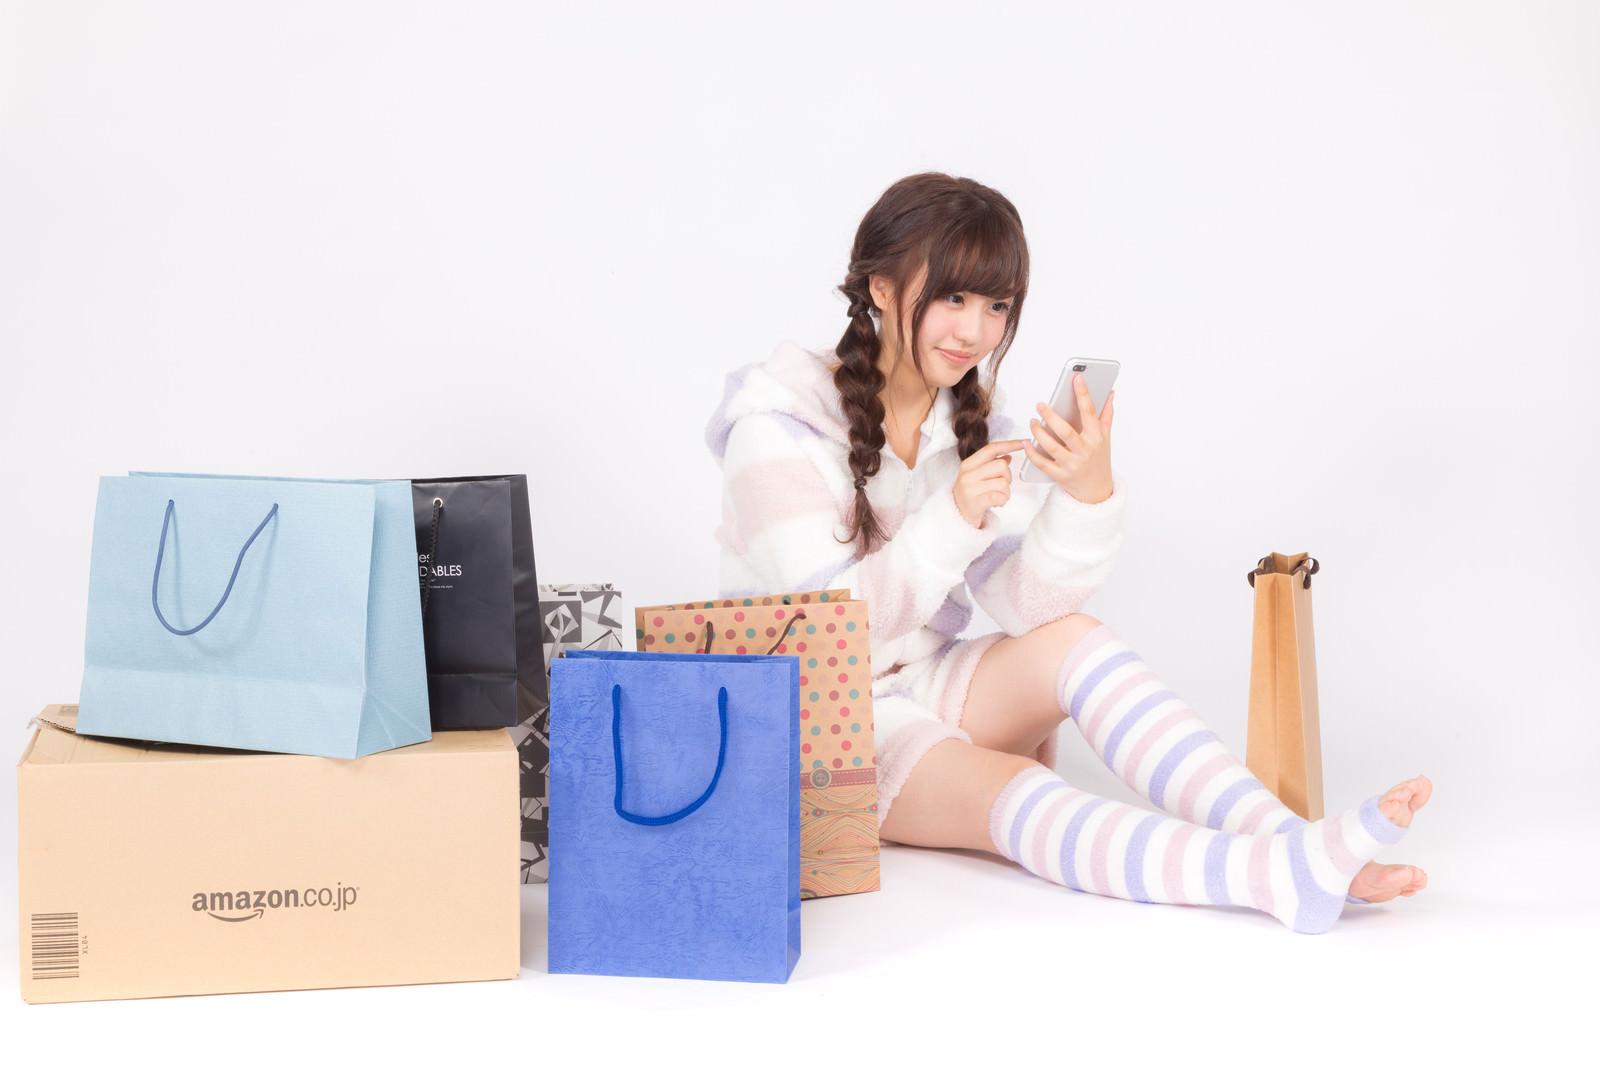 「暇さえあればスマホで買い物をするネット通販依存症の女性暇さえあればスマホで買い物をするネット通販依存症の女性」[モデル:河村友歌]のフリー写真素材を拡大